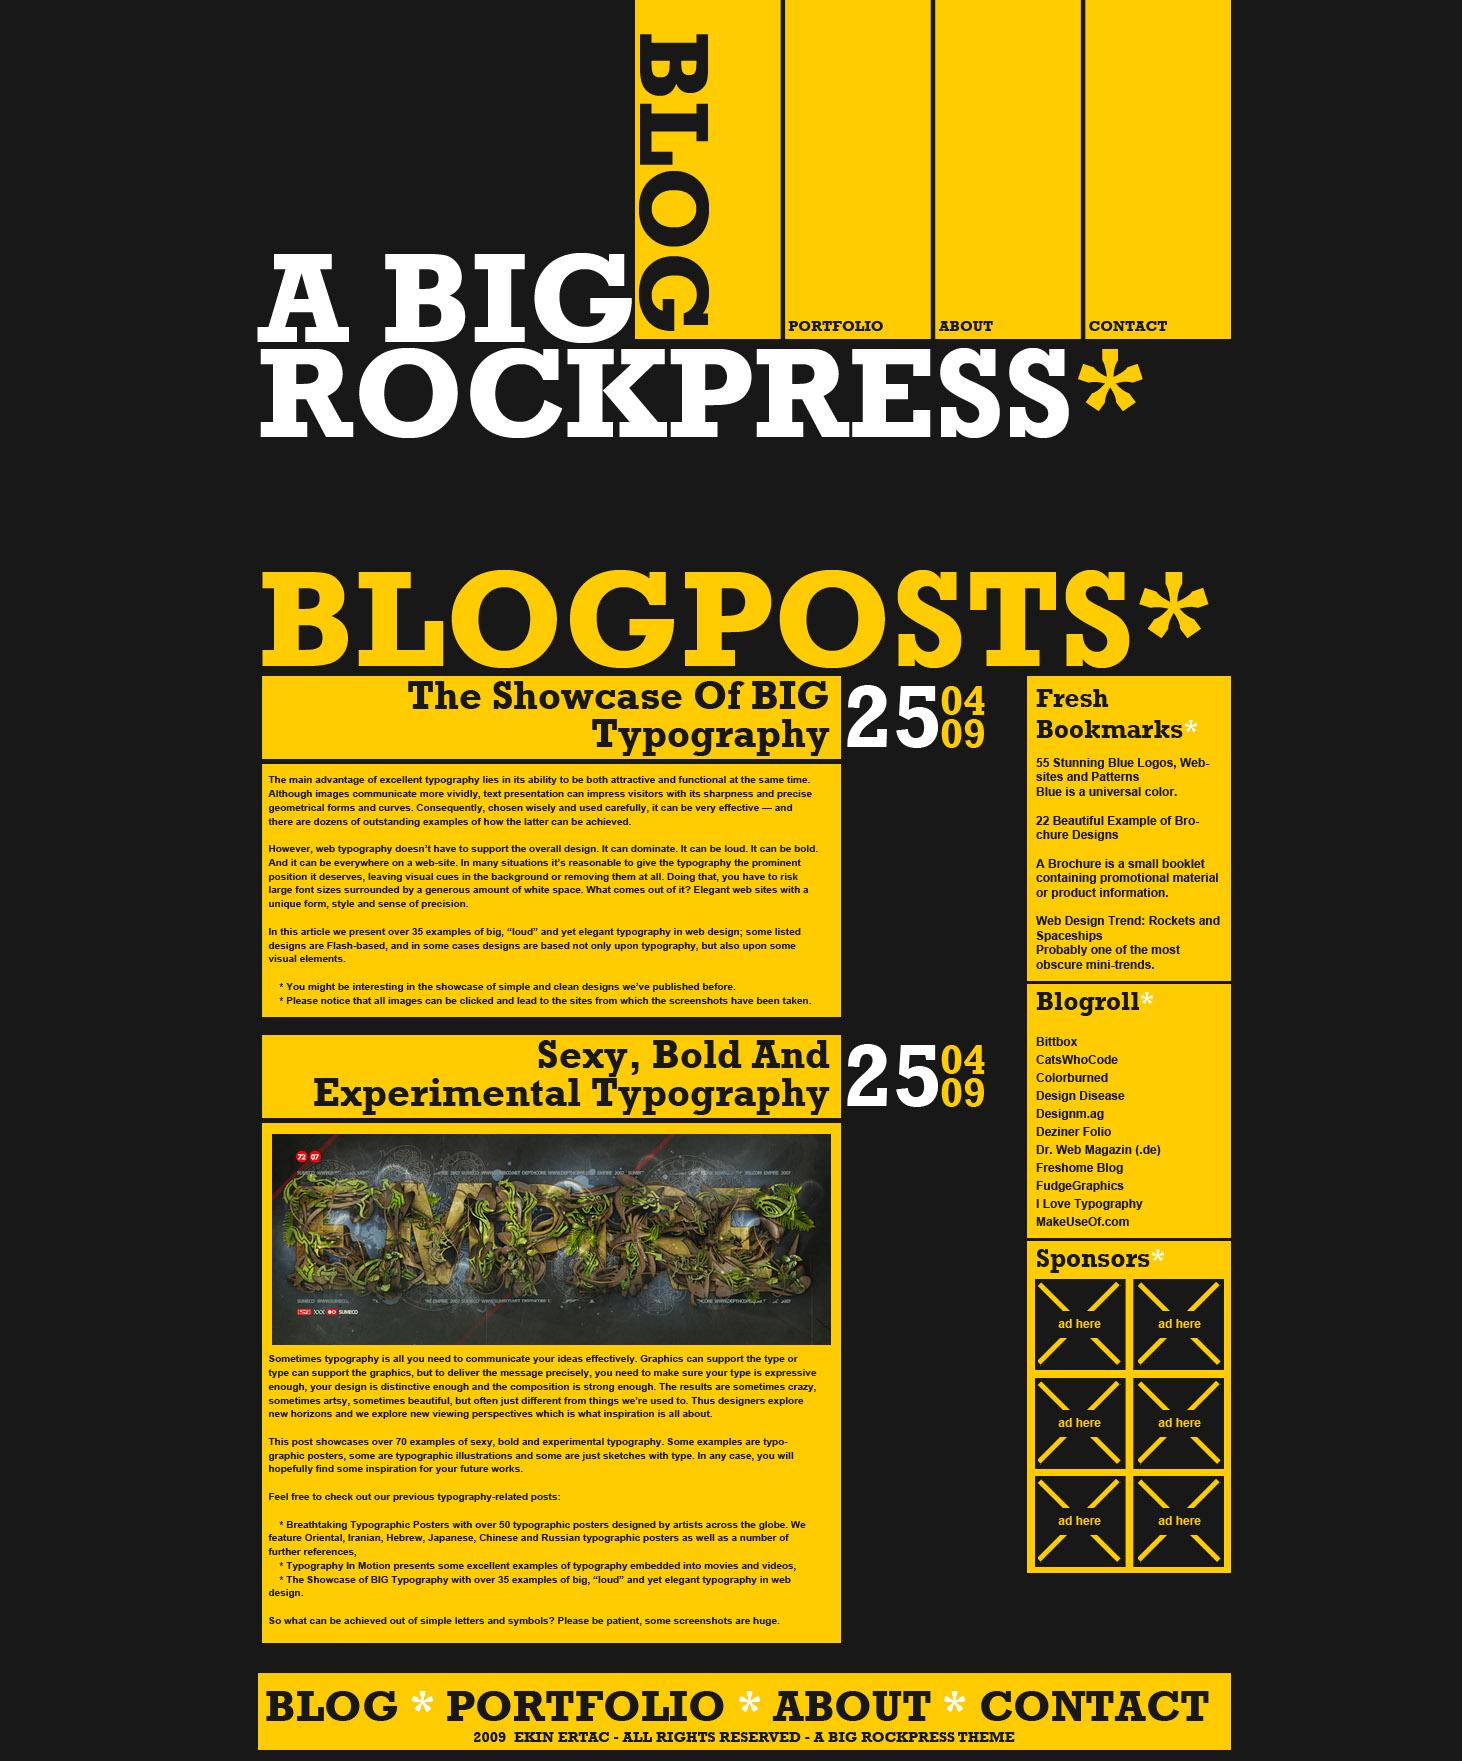 A Big Rockpress - Wordpress by Nodtveidt